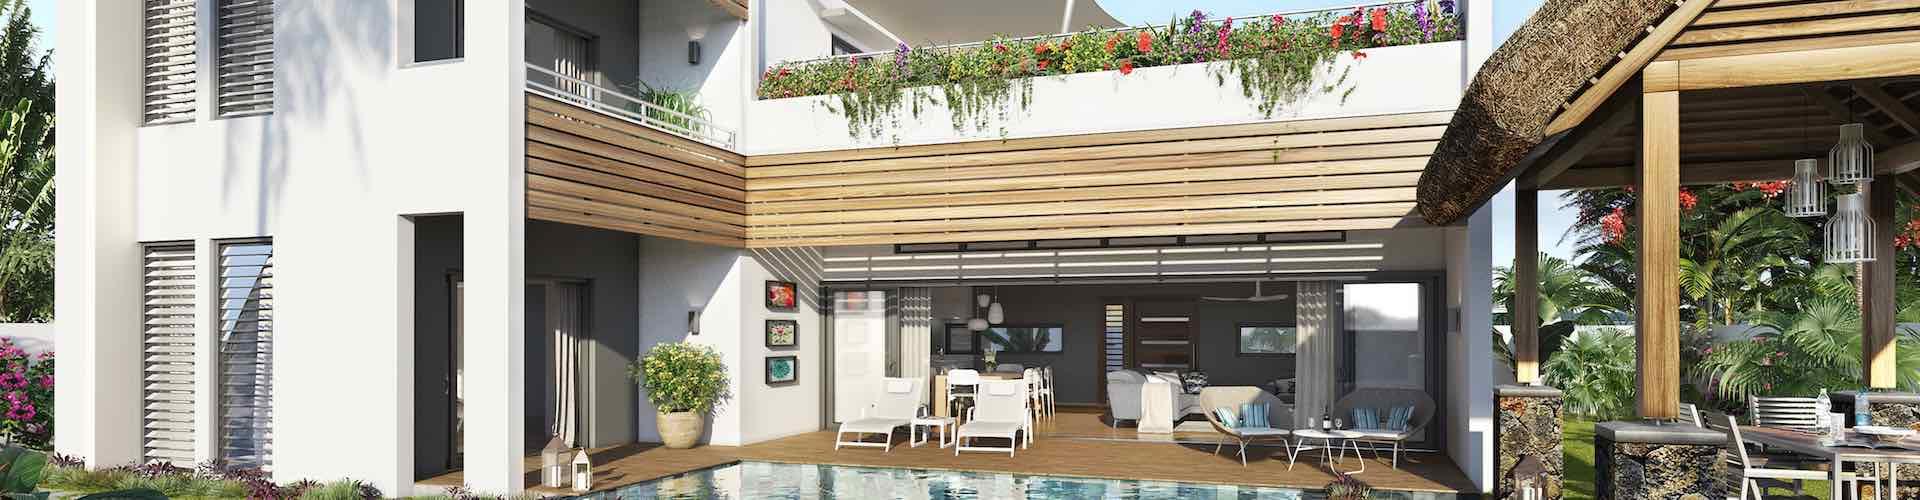 achat vente immobilier pds amala luxury villa ile maurice villa en pleine propriété et résidence annonce immobilière proche golf à Tamarin